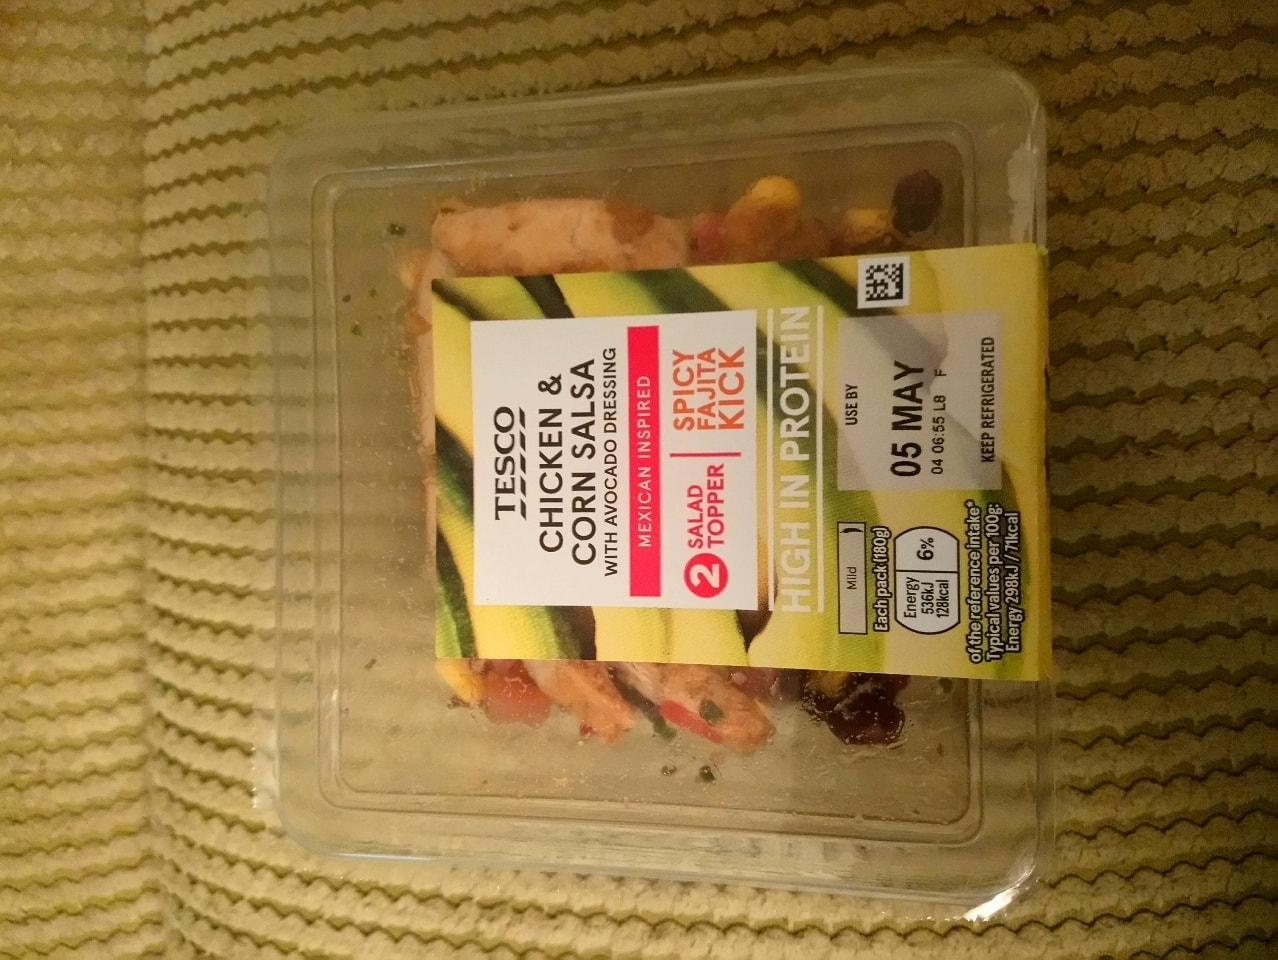 Chicken and corn salsa